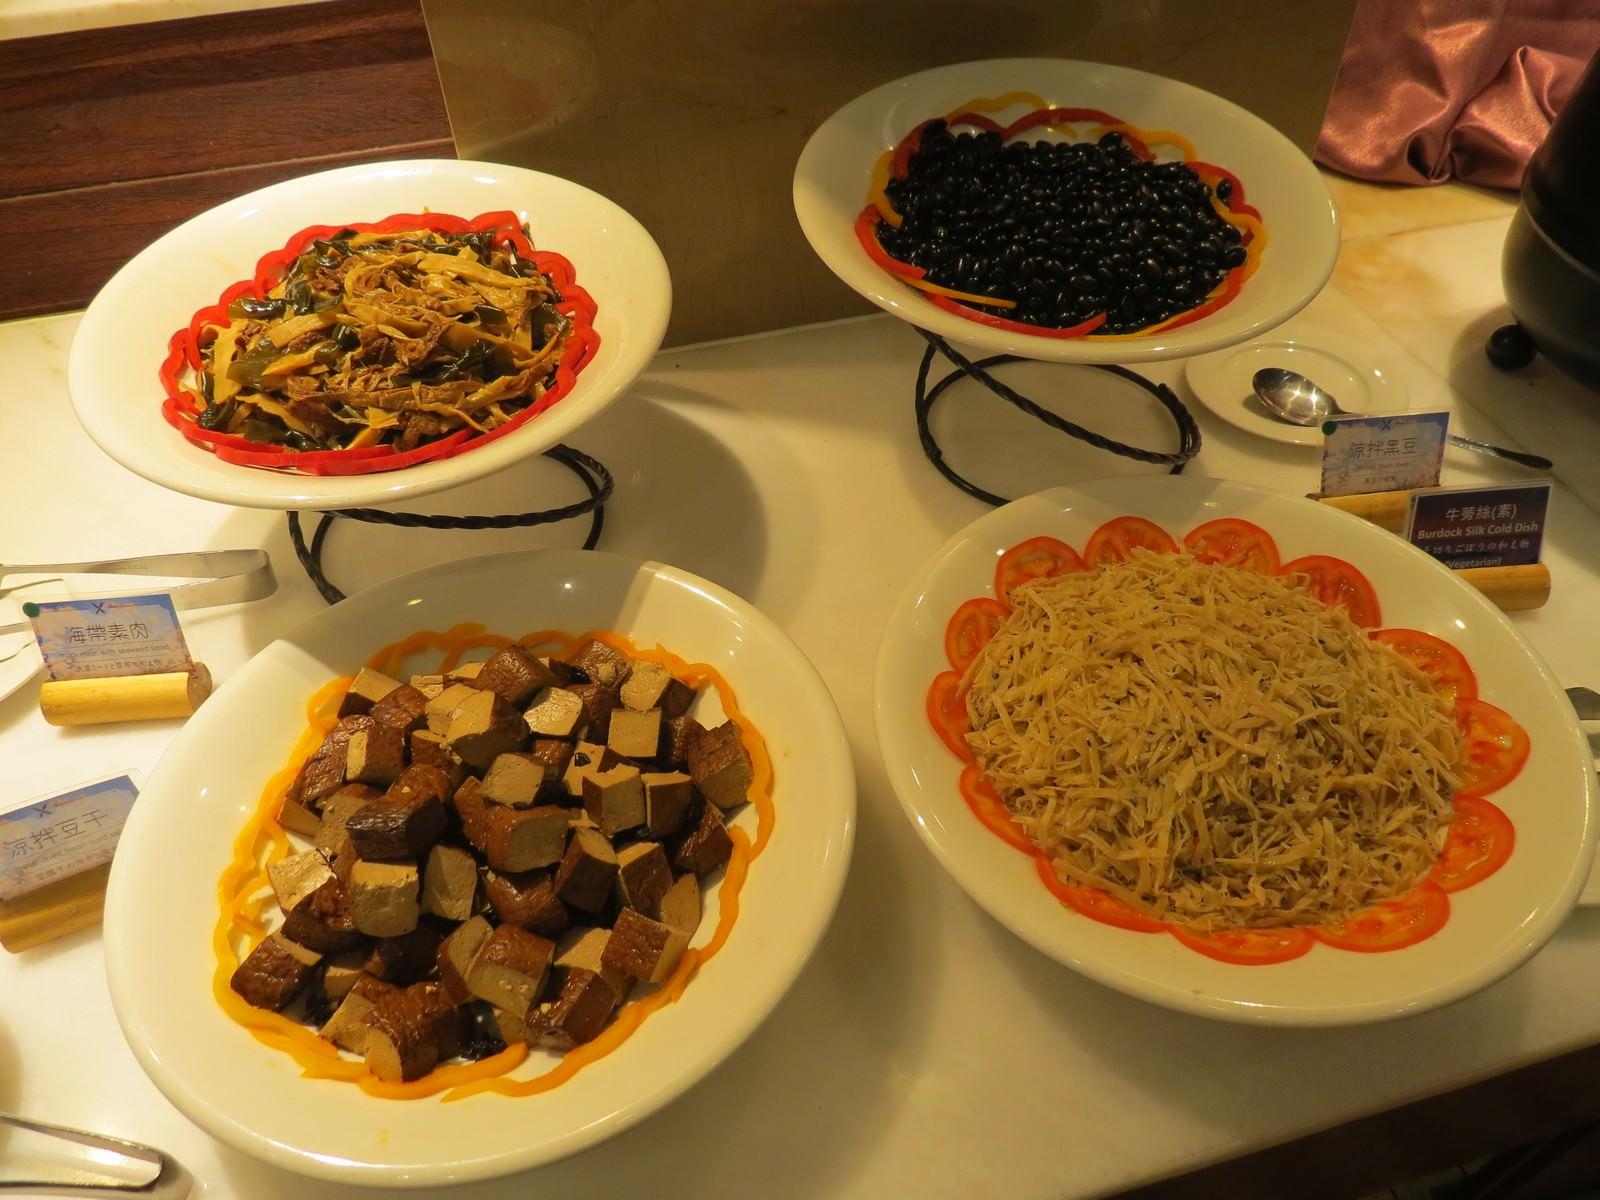 阿里山賓館, 餐廳介紹, 餐點